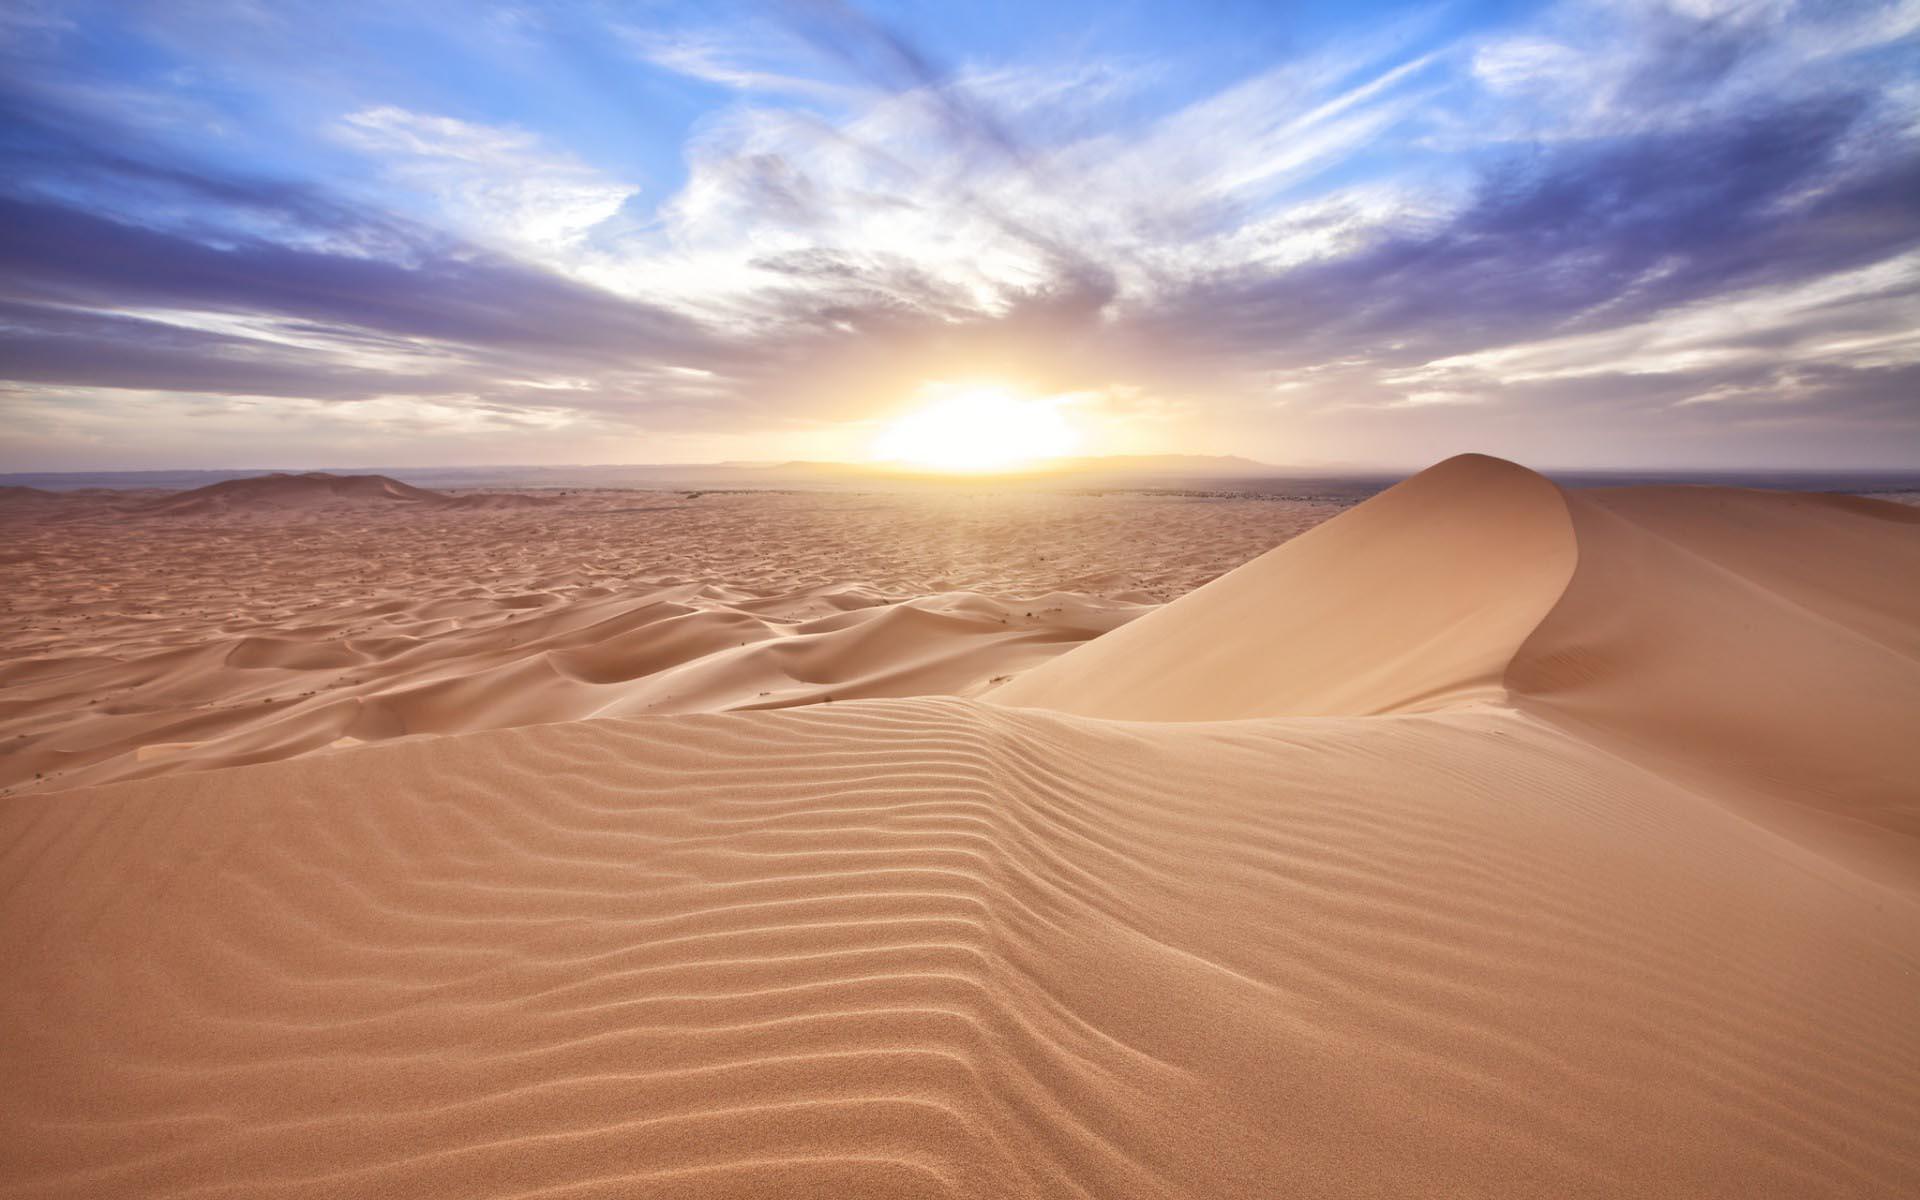 黃沙紛飛、一望無盡 這就是我們對沙漠的印象 但是世界上並不是只有這一種沙漠景象唷~